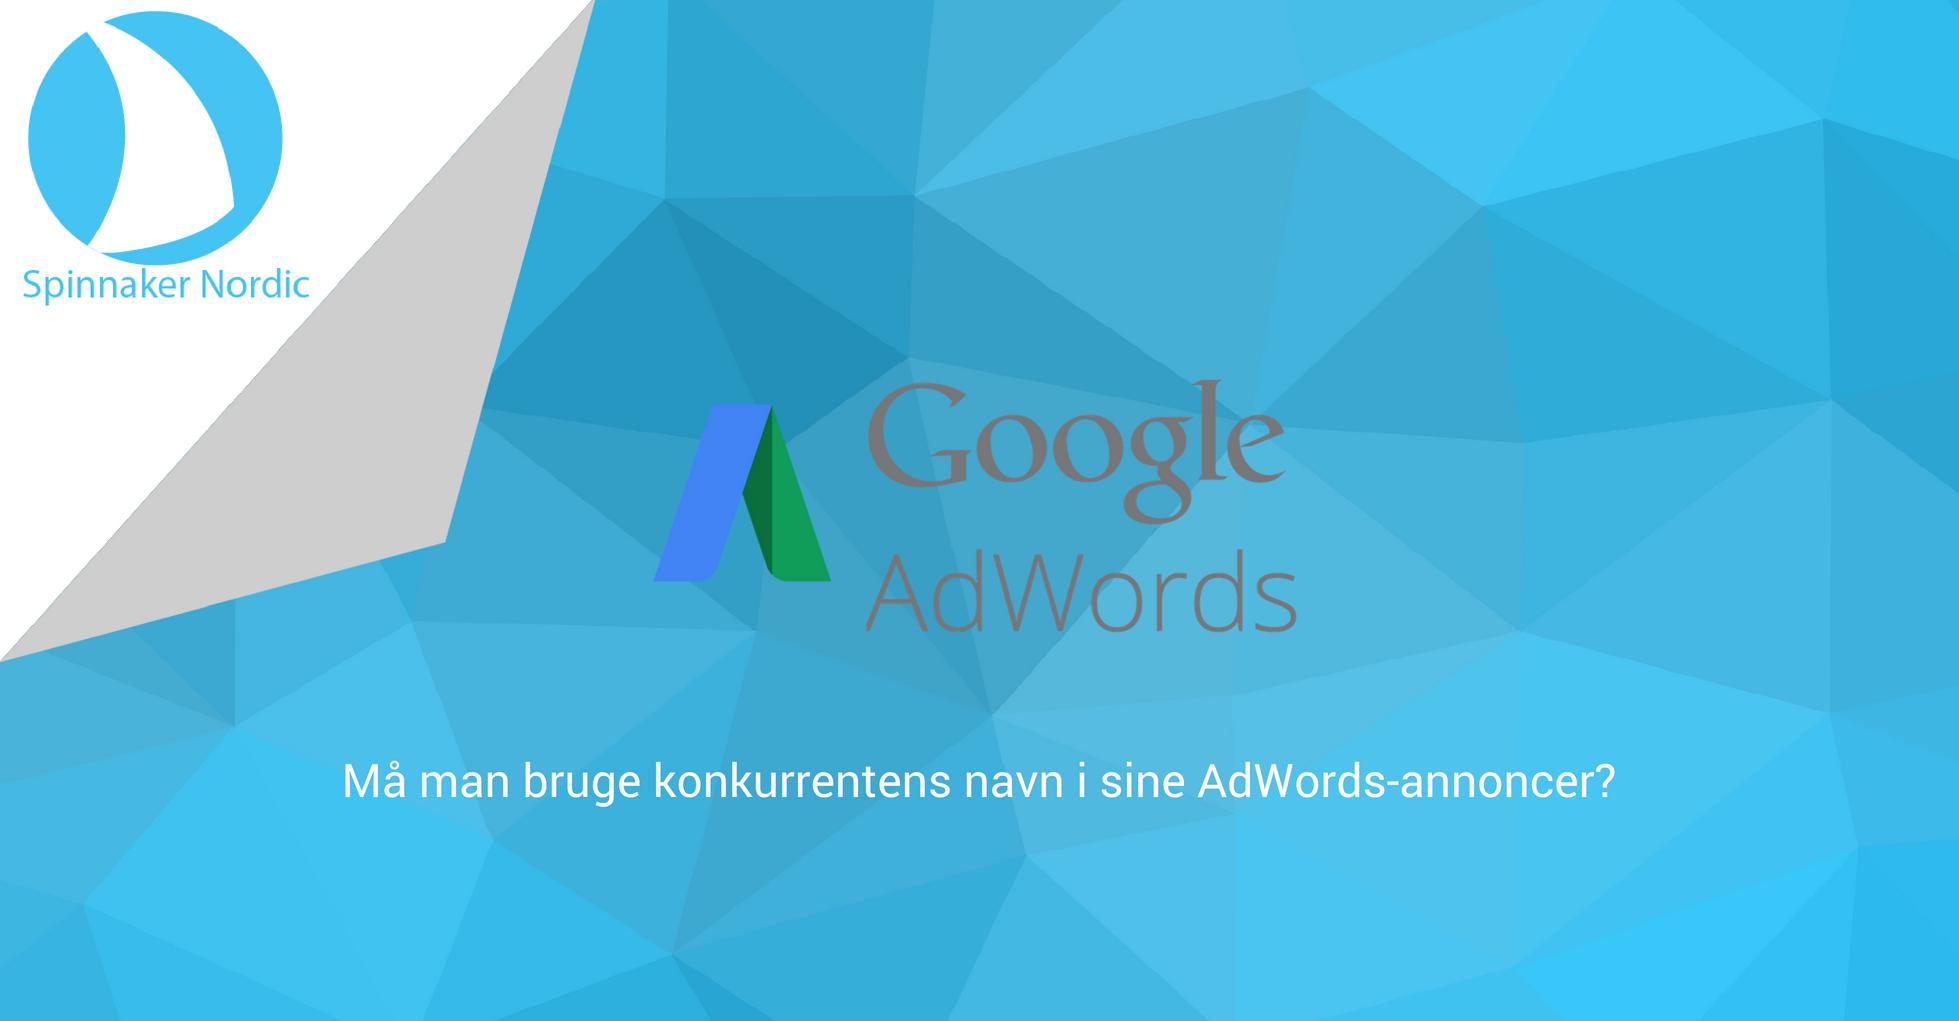 Må man bruge konkurrenterens navn i ens AdWords annoncer